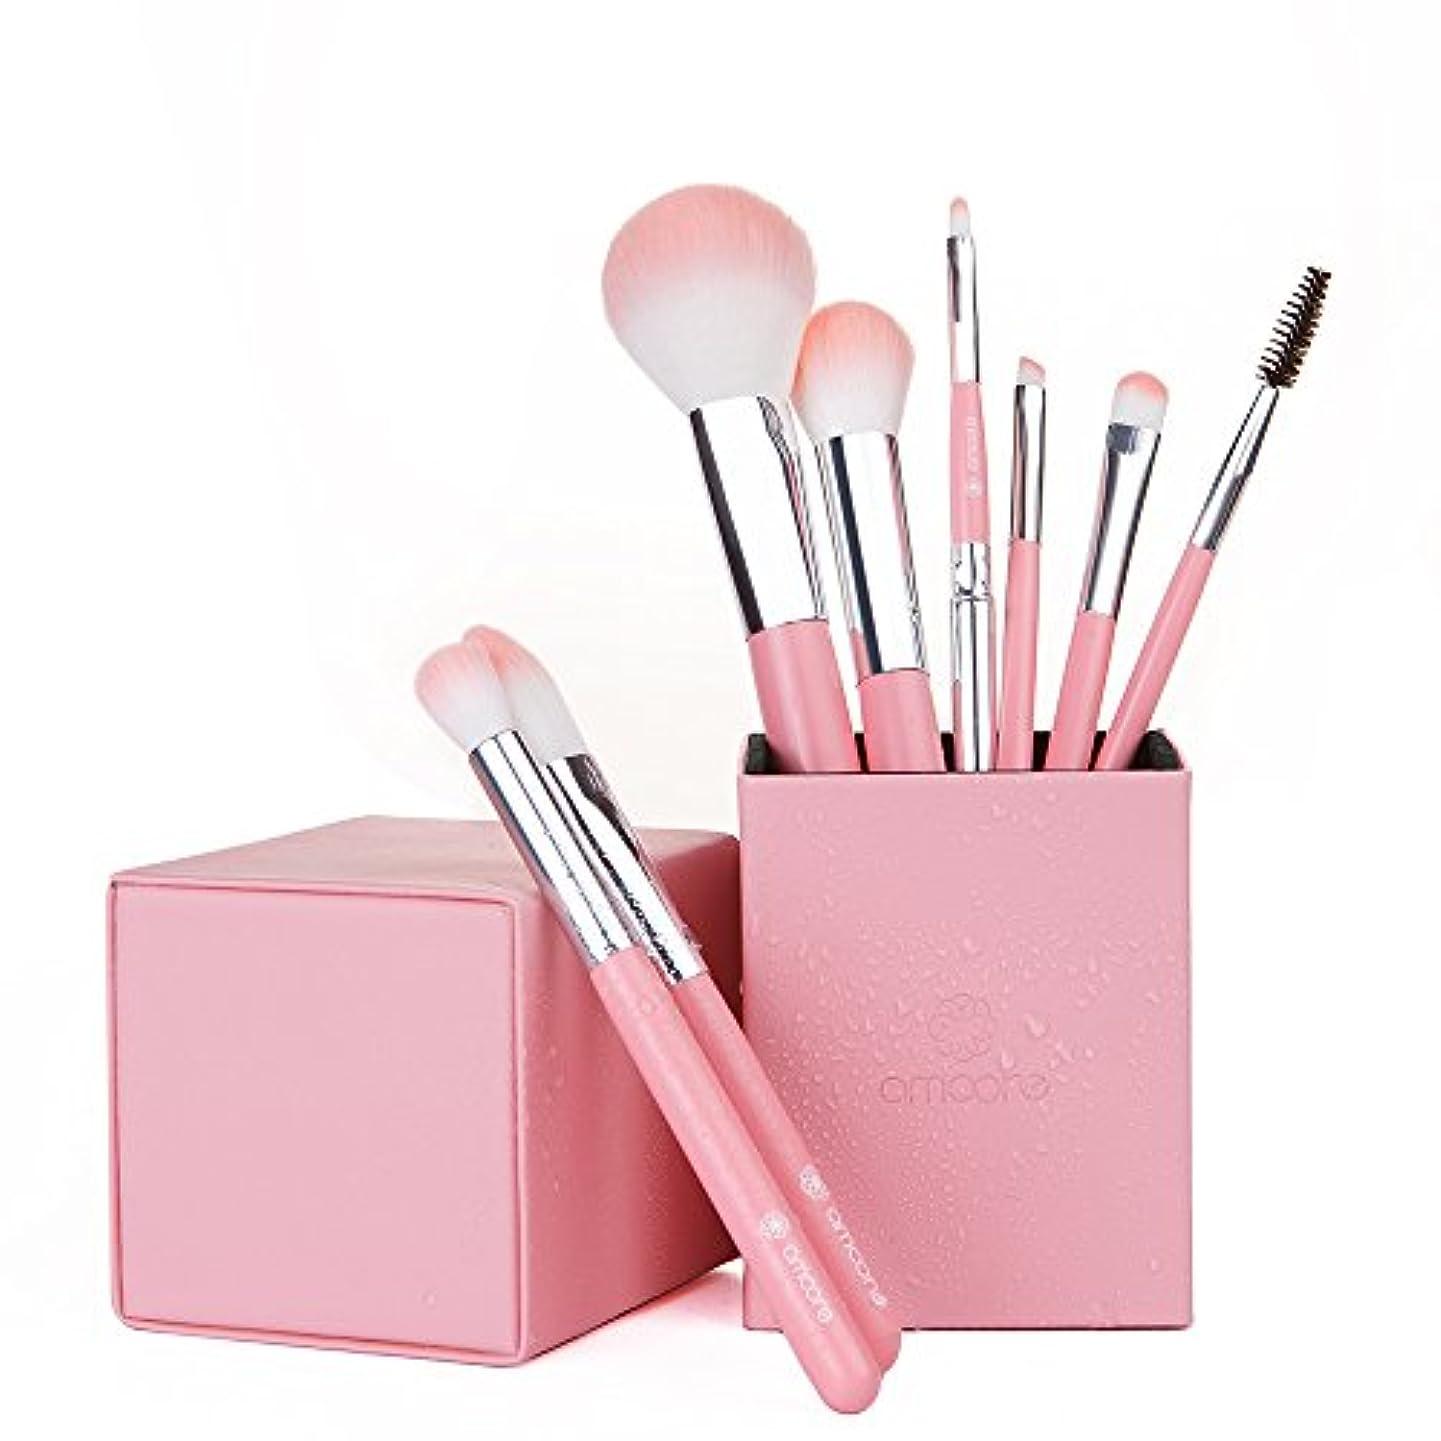 トリップステップ厚くするamoore 8本 化粧筆 メイクブラシセット 化粧ブラシ セット コスメ ブラシ 収納ケース付き (8本, ピンク)